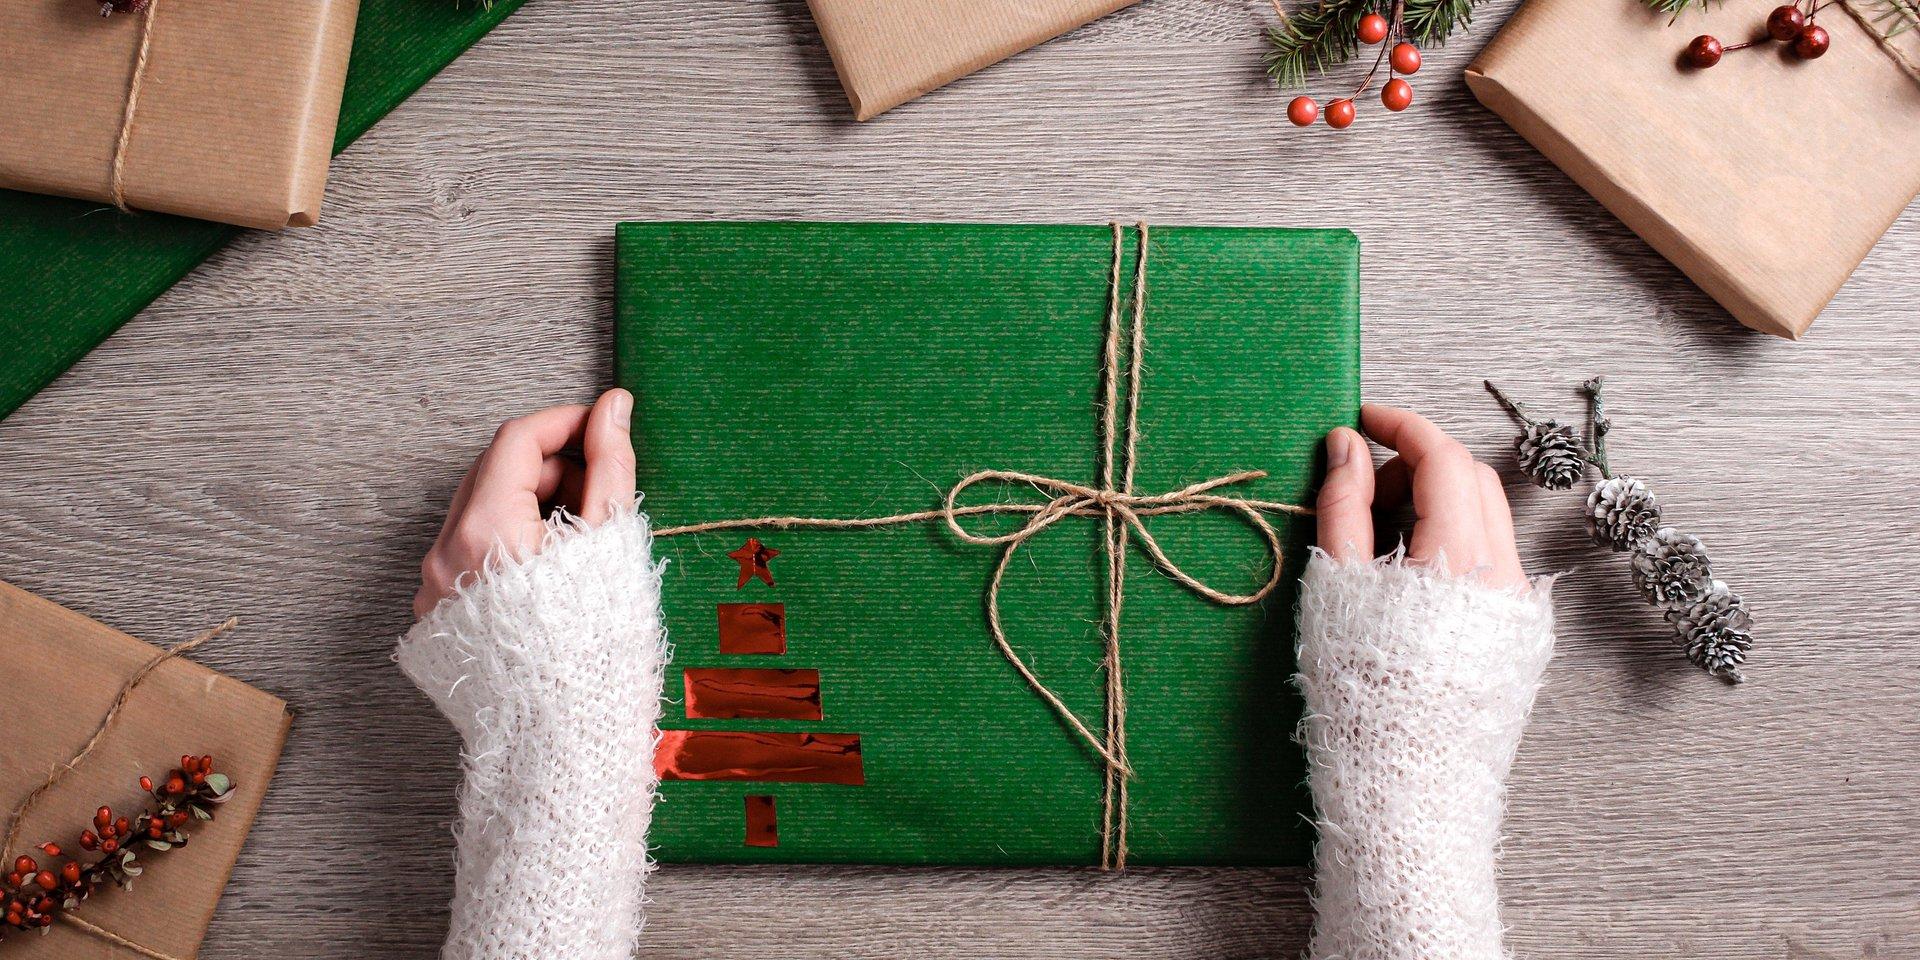 Raport: jak użytkownicy platform e-commerce kupują prezenty świąteczne?